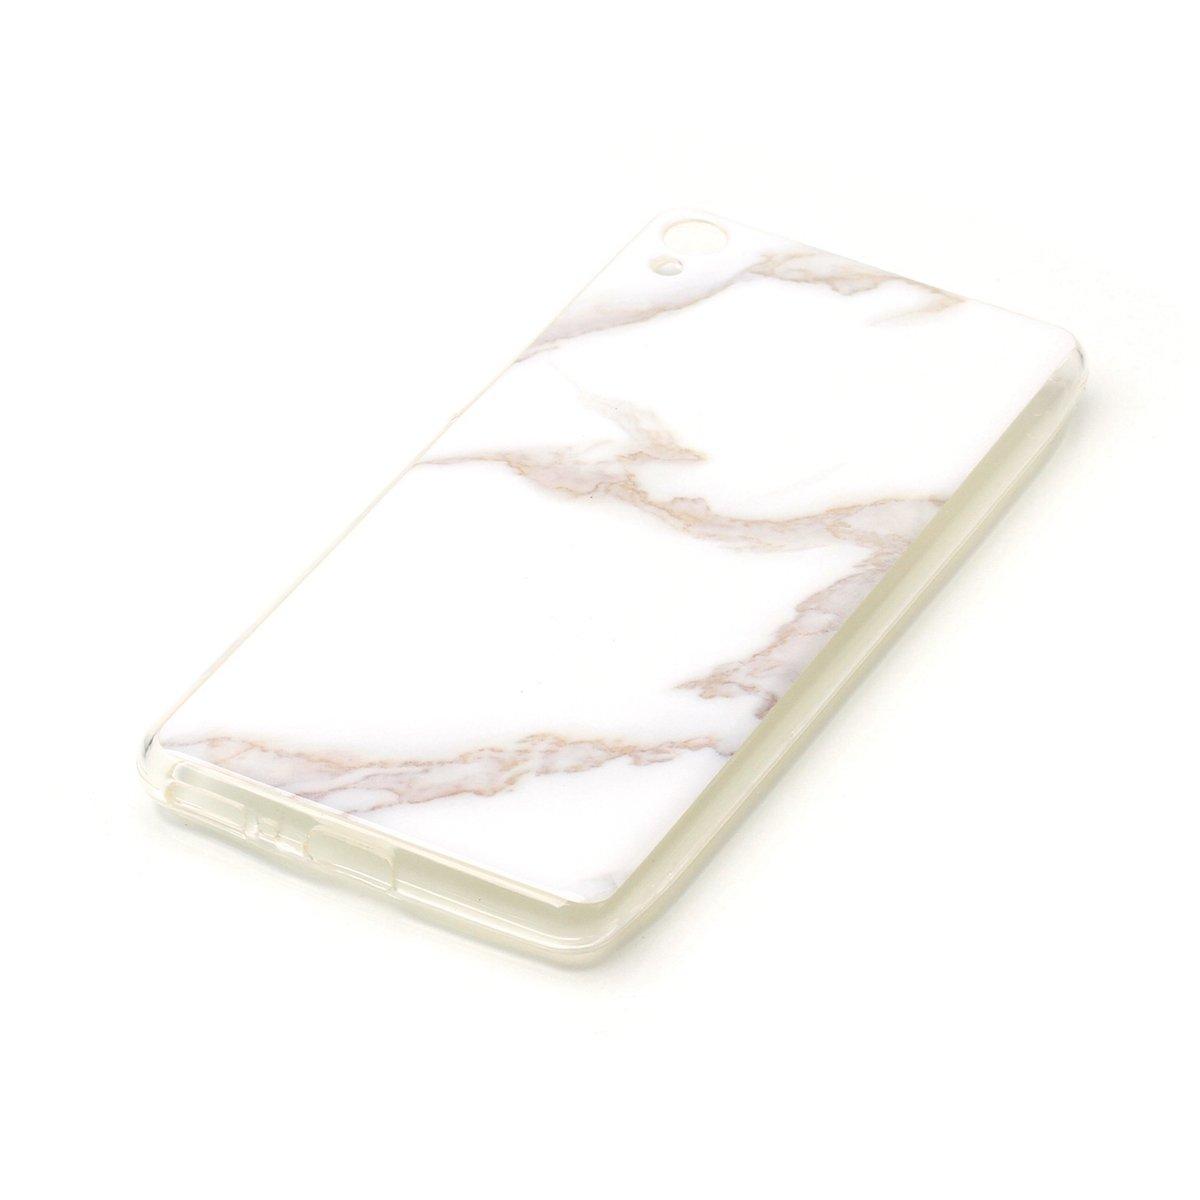 Sony Xperia XA Trasparente TPU Silicone Custodia Cassa Gomma Soft Silicone Morbida Cover Ultra Sottile Custodia Flessibile con Colorato Marmo Disegno-Colore 5# Ukayfe Custodia Cover Sony Xperia XA